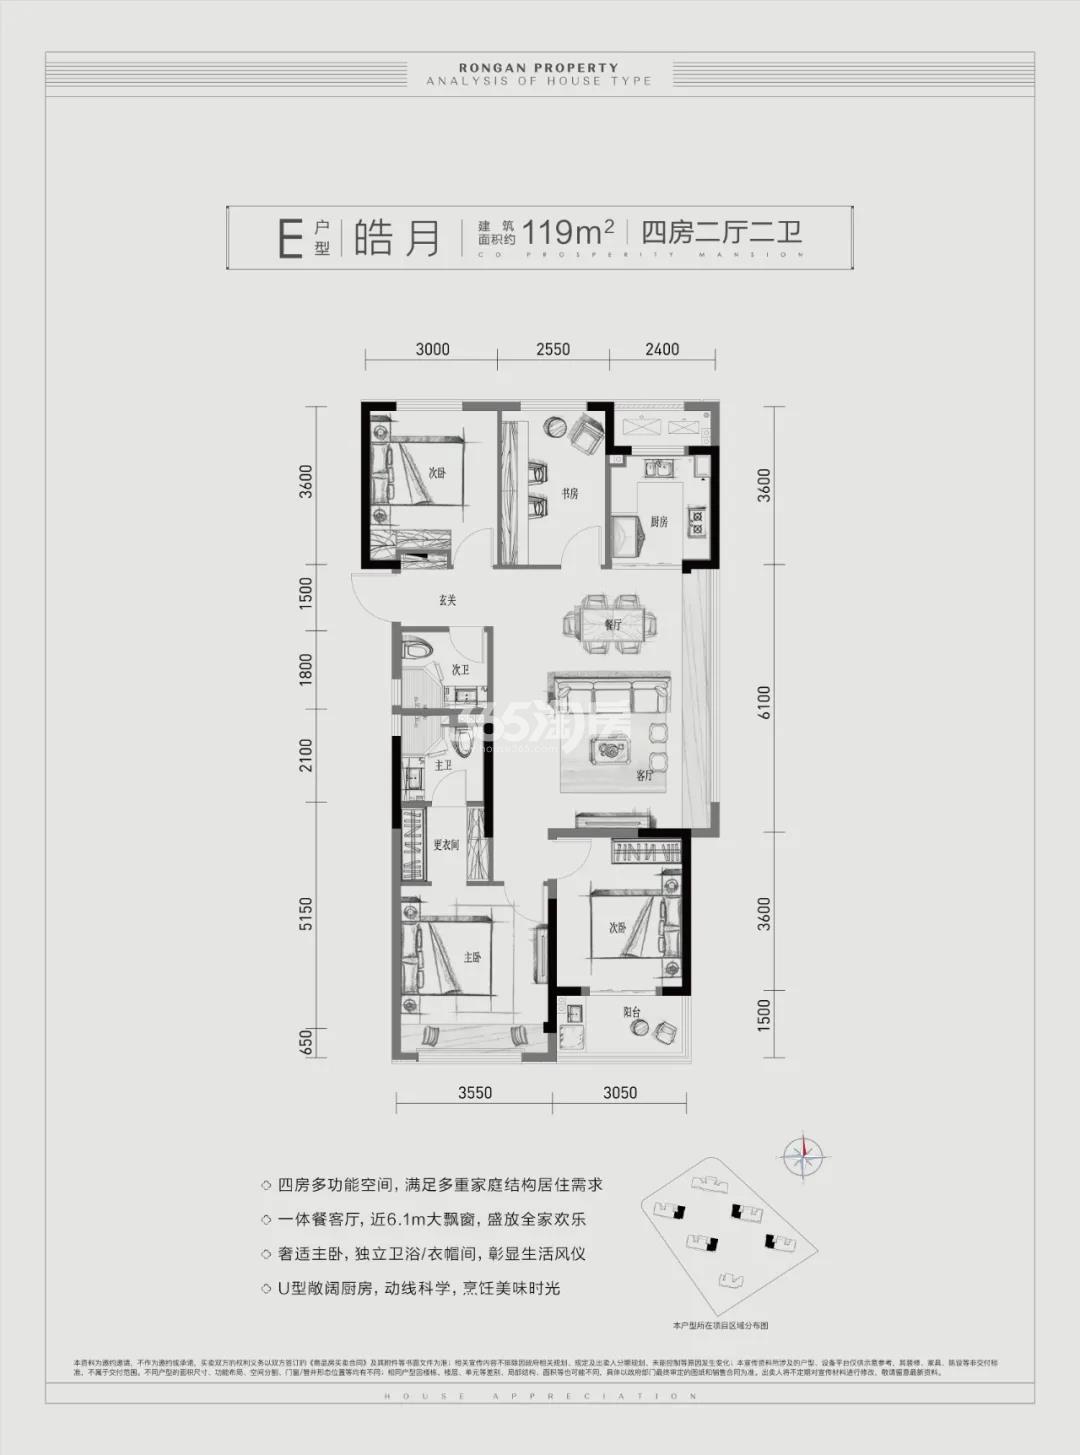 荣安春月杭宁府E户型约119㎡(1、3、4、6#)